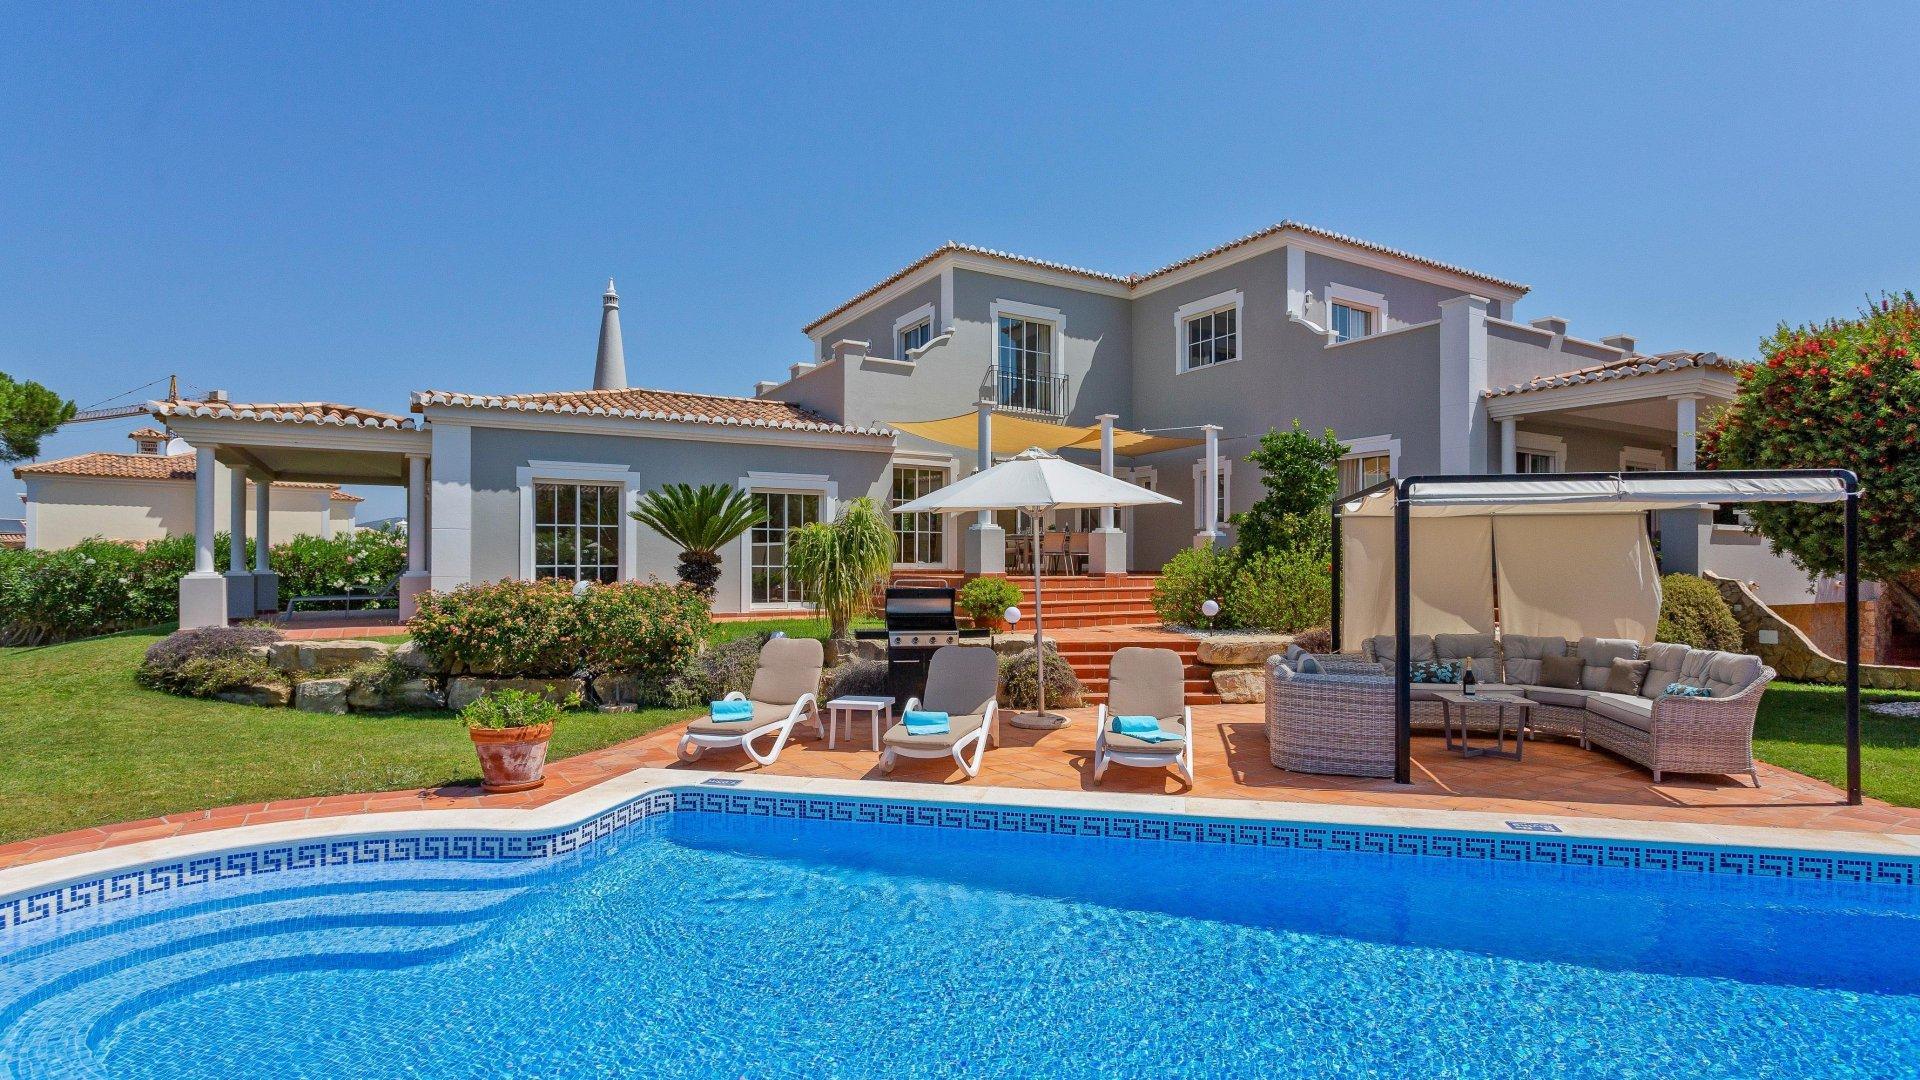 Villa Glicinia - Fonte Algarve , Vale do Lobo, Algarve - 1.jpg